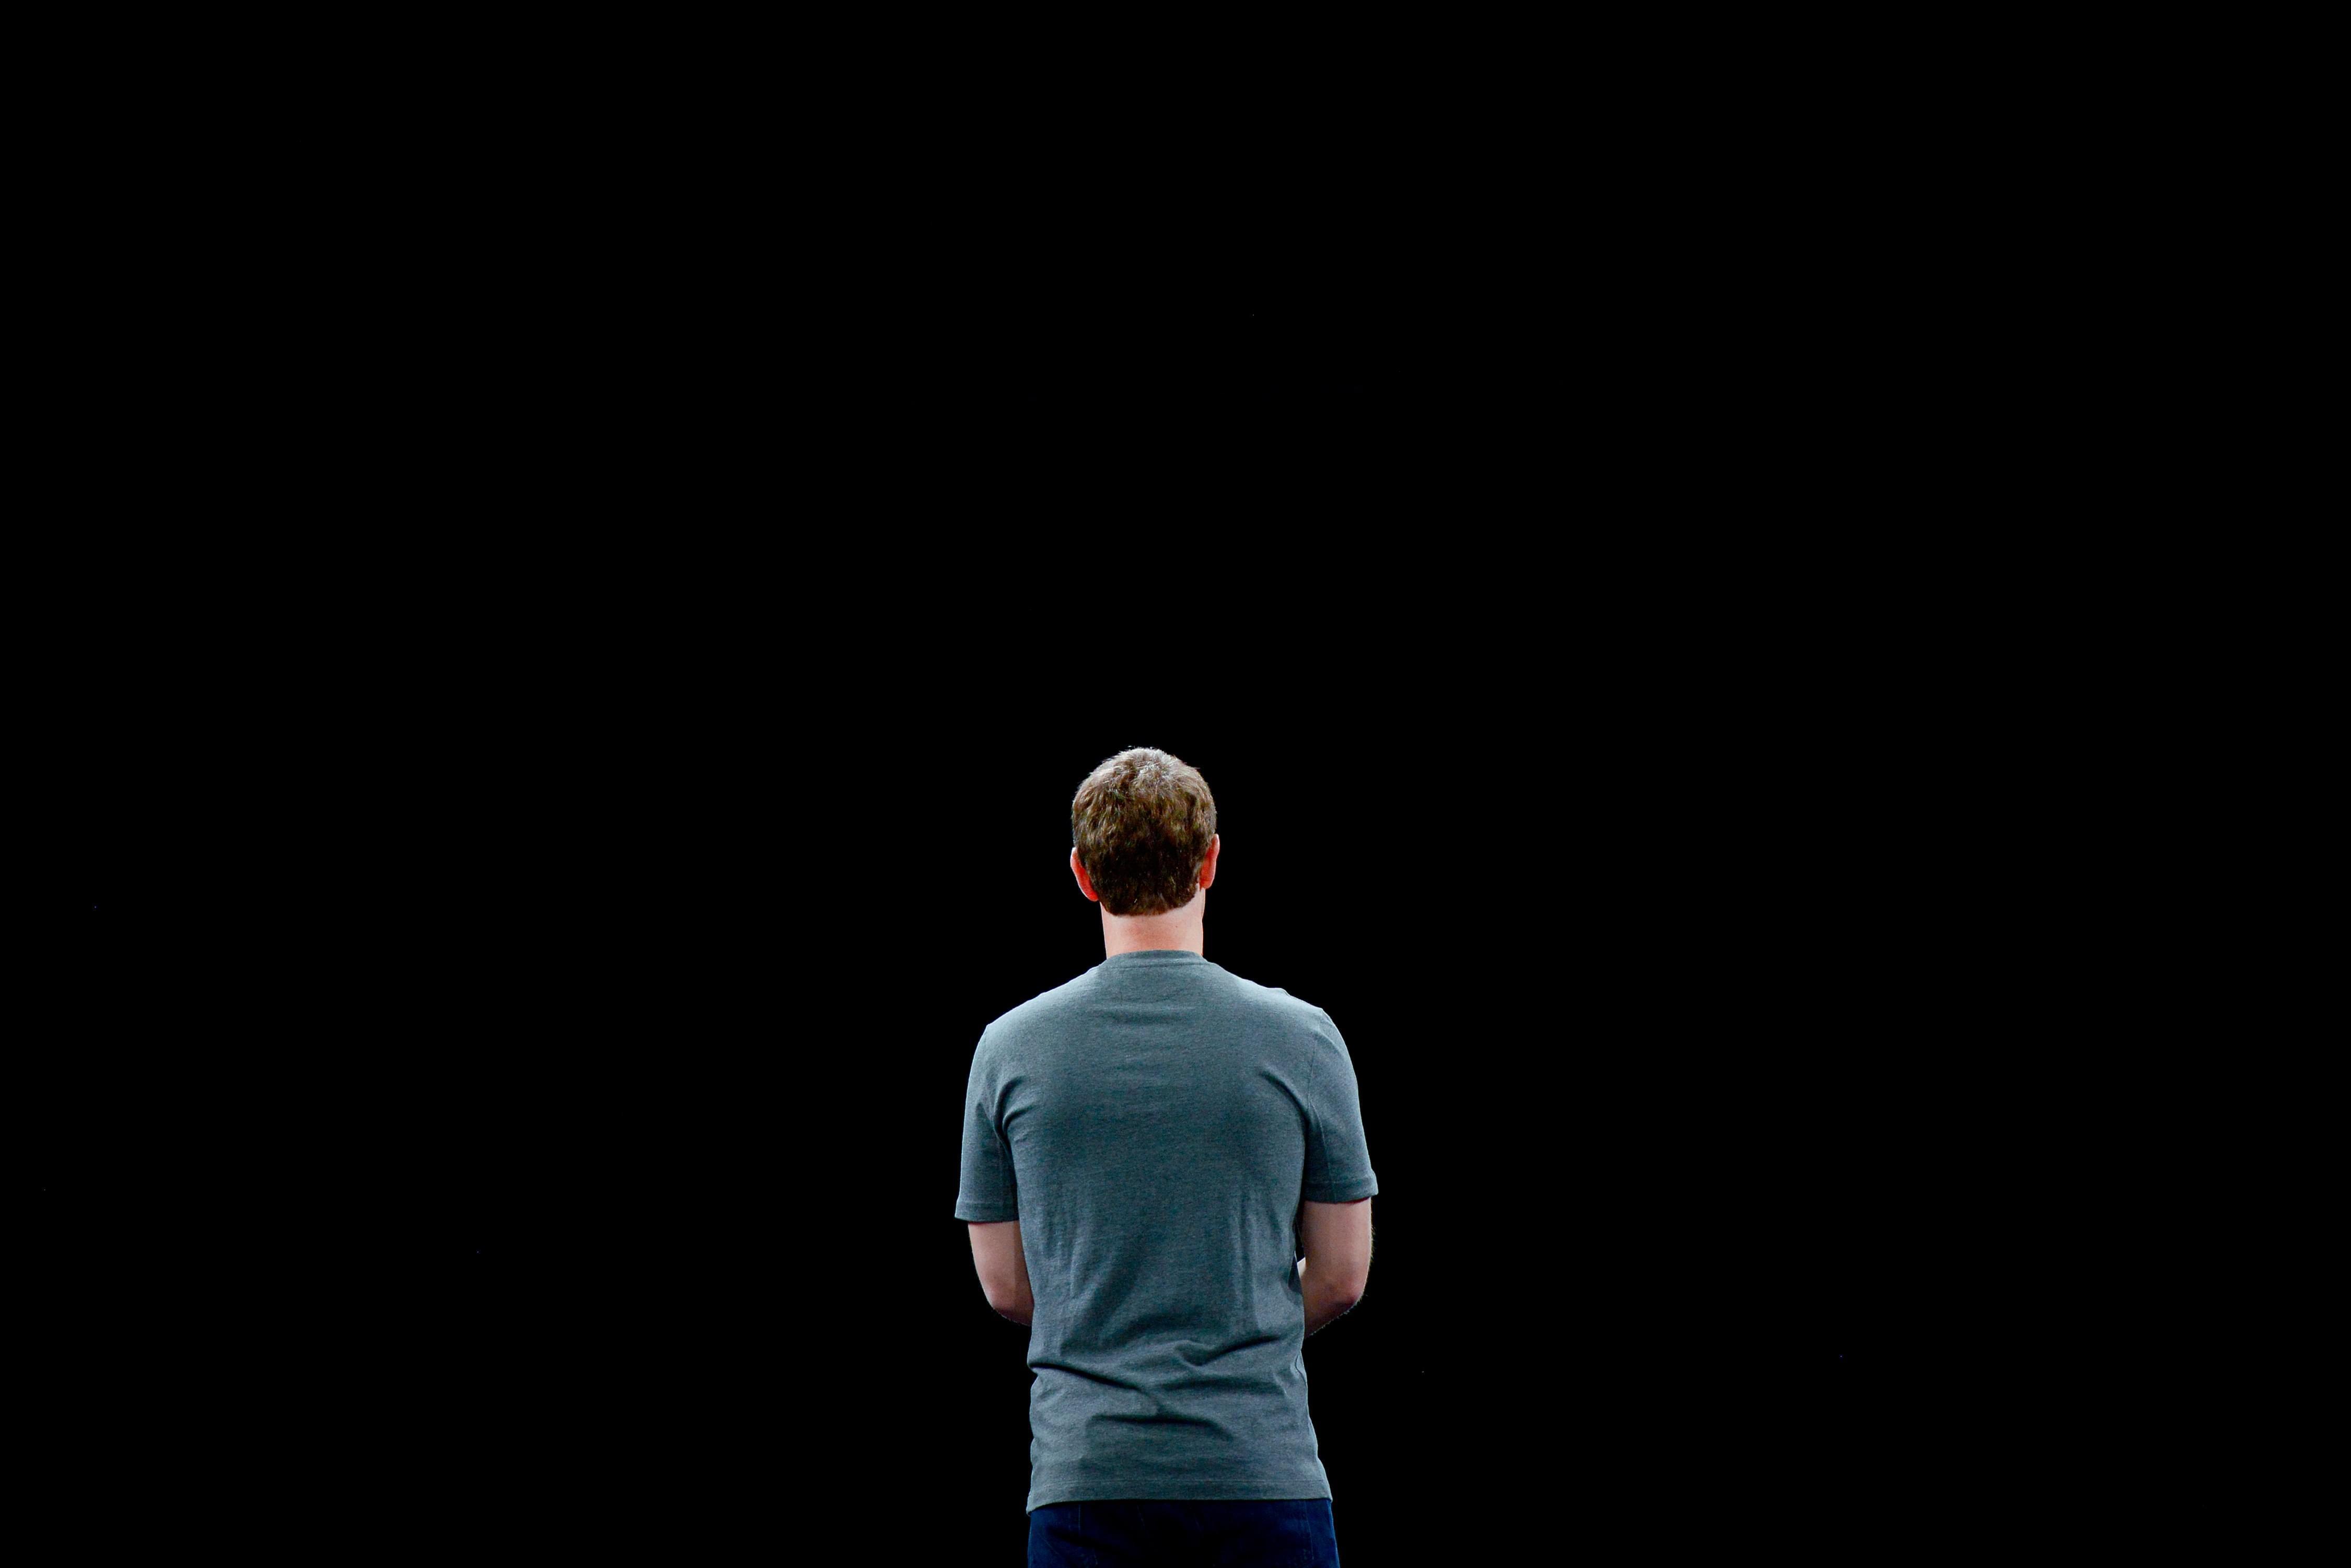 硅谷创始人崇拜到尽头:天才也难承担社会责任